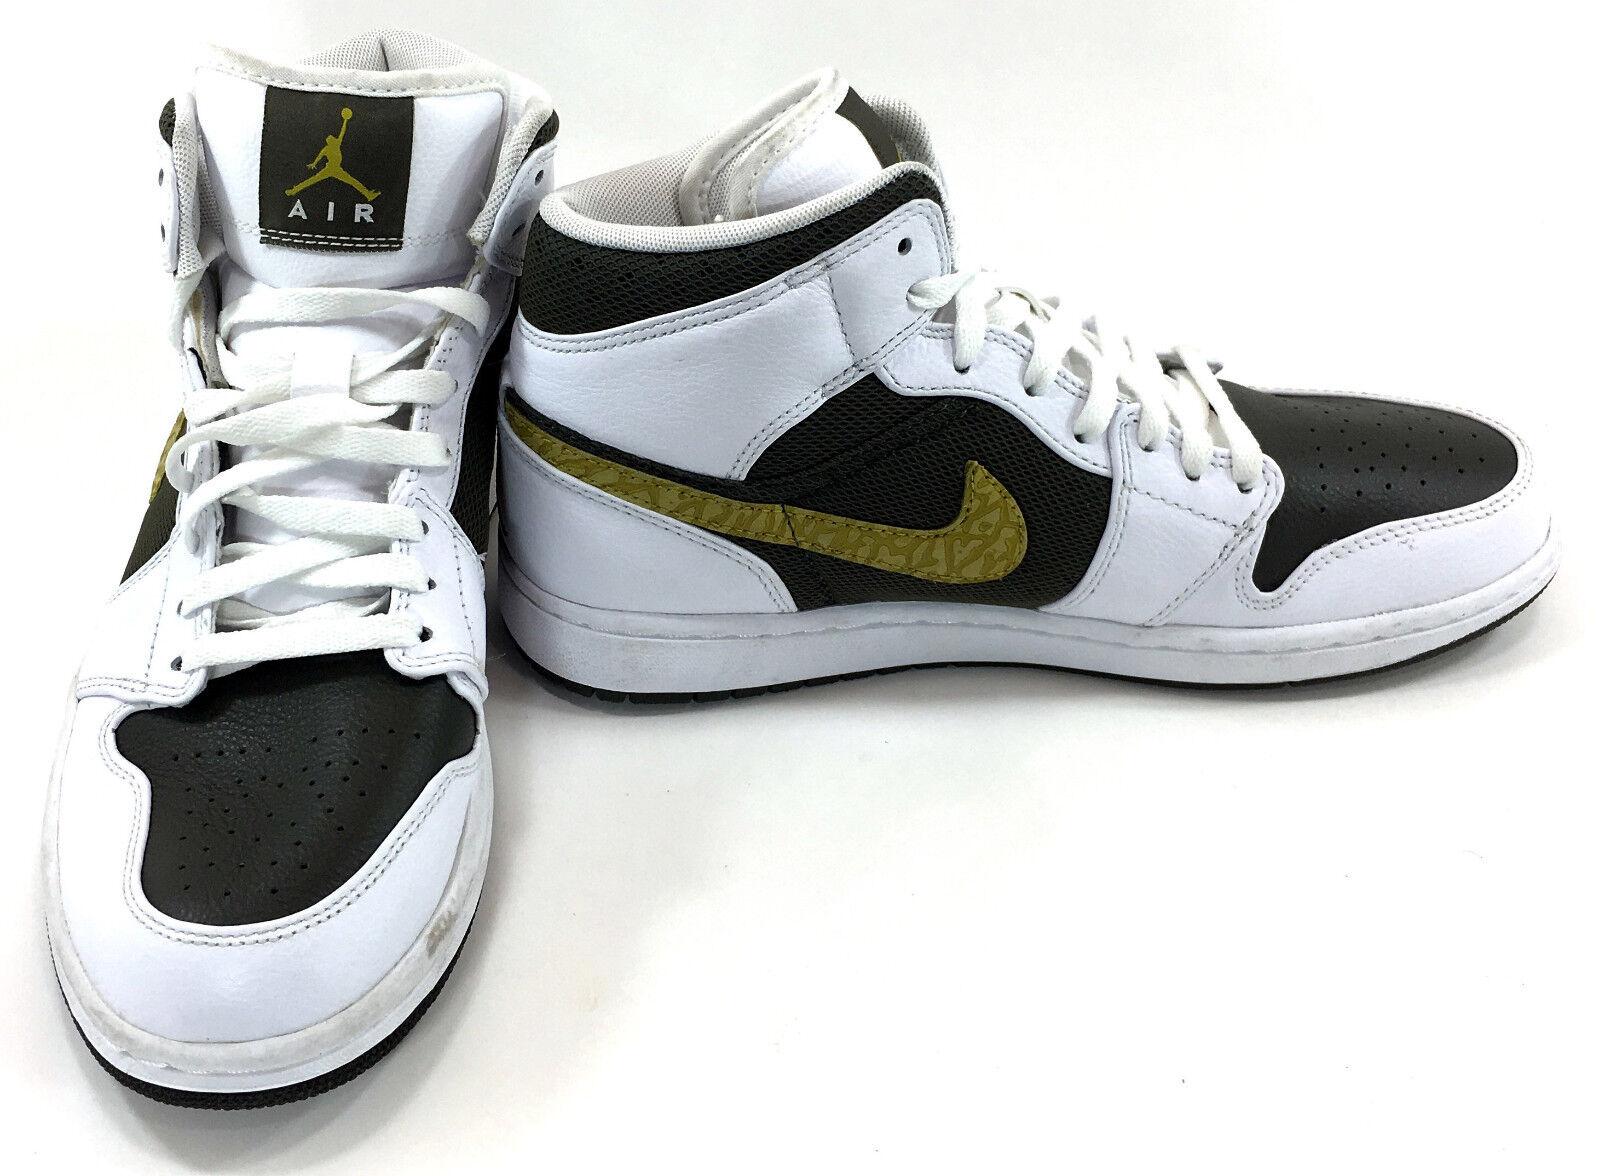 Le scarpe nike jordan 1 phat metà bianco / carico cachi / sfagno scarpe discrepanza / 9